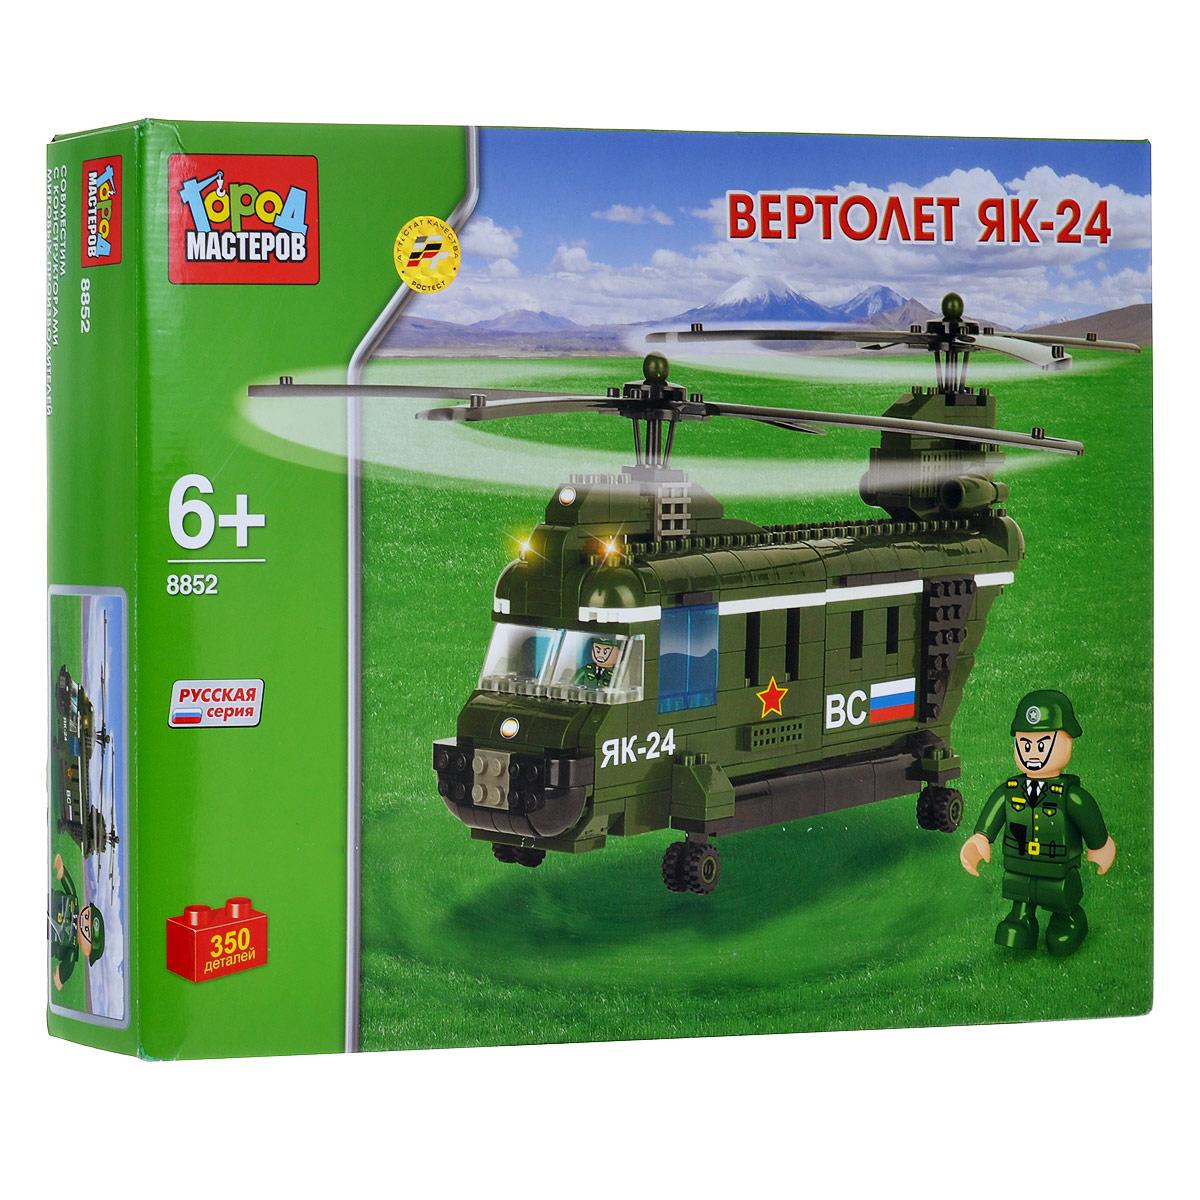 Город мастеров Конструктор Вертолет Як-24BB-8852-RКонструктор Город Мастеров Вертолет Як-24 не позволит скучать вашему ребенку. В набор входит 350 пластиковых элементов, яркого дизайна и высокого качества, с помощью которых он сможет собрать модель вертолета Як-24 с подвижными деталями. Затем может играть с ним в сюжетно-ролевые игры. Элементы конструктора легко скрепляются между собой, а также полностью совместимы с конструкторами Lego. Комплект включает 2 фигурки летчика и военного. Помимо вариантов, предложенных в инструкции, малыш может создавать бесконечное количество своих собственных моделей, что дает юному архитектору простор для фантазии. Сборка конструктора поможет ребенку развить инженерные и конструкторские способности, научиться концентрировать внимание, а также способствует развитию логического и абстрактного мышления, фантазии и тренировке мелкой моторики. Для детей в возрасте от 6 до 12 лет.